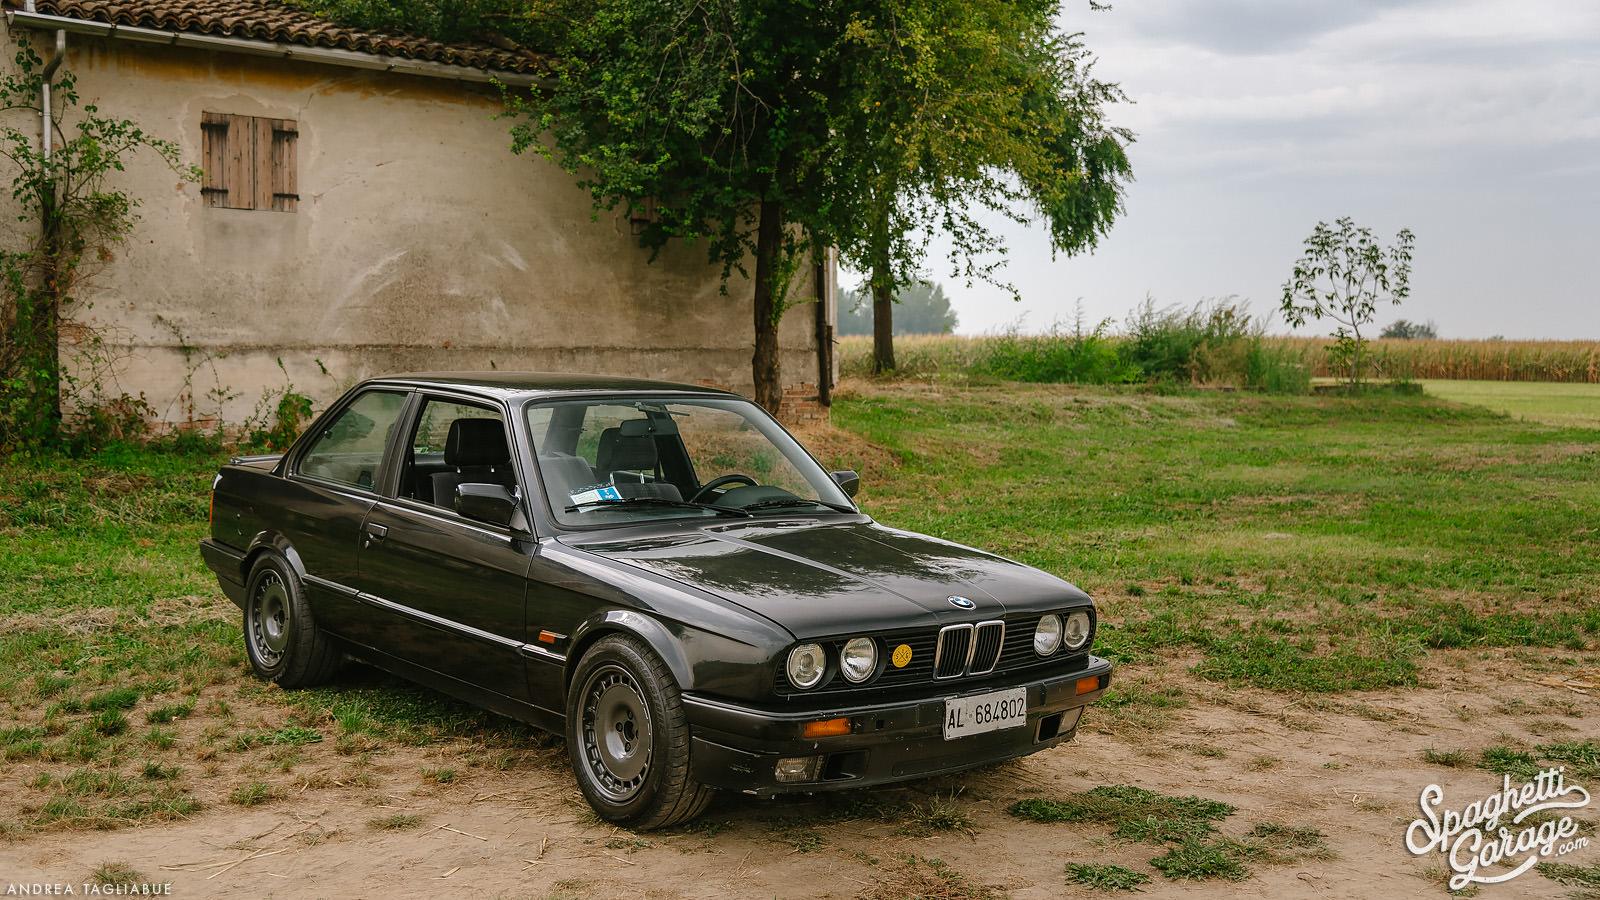 Foto Andrea Tagliabue   www.ftfoto.it